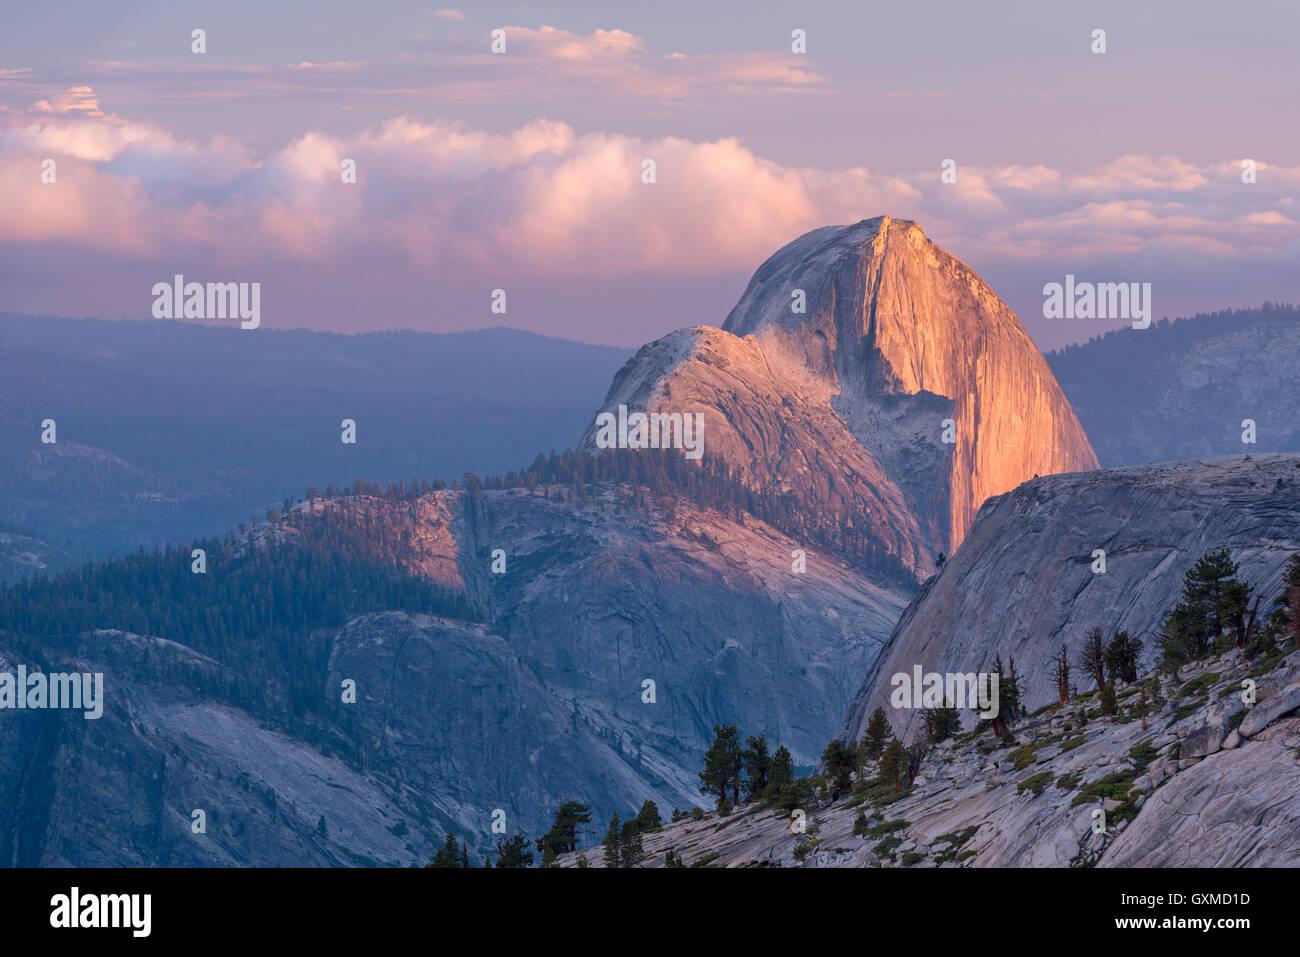 Ultima luce sulla Half Dome, fotografati da Olmsted Point, Yosemite National Park, California, Stati Uniti d'America. Immagini Stock